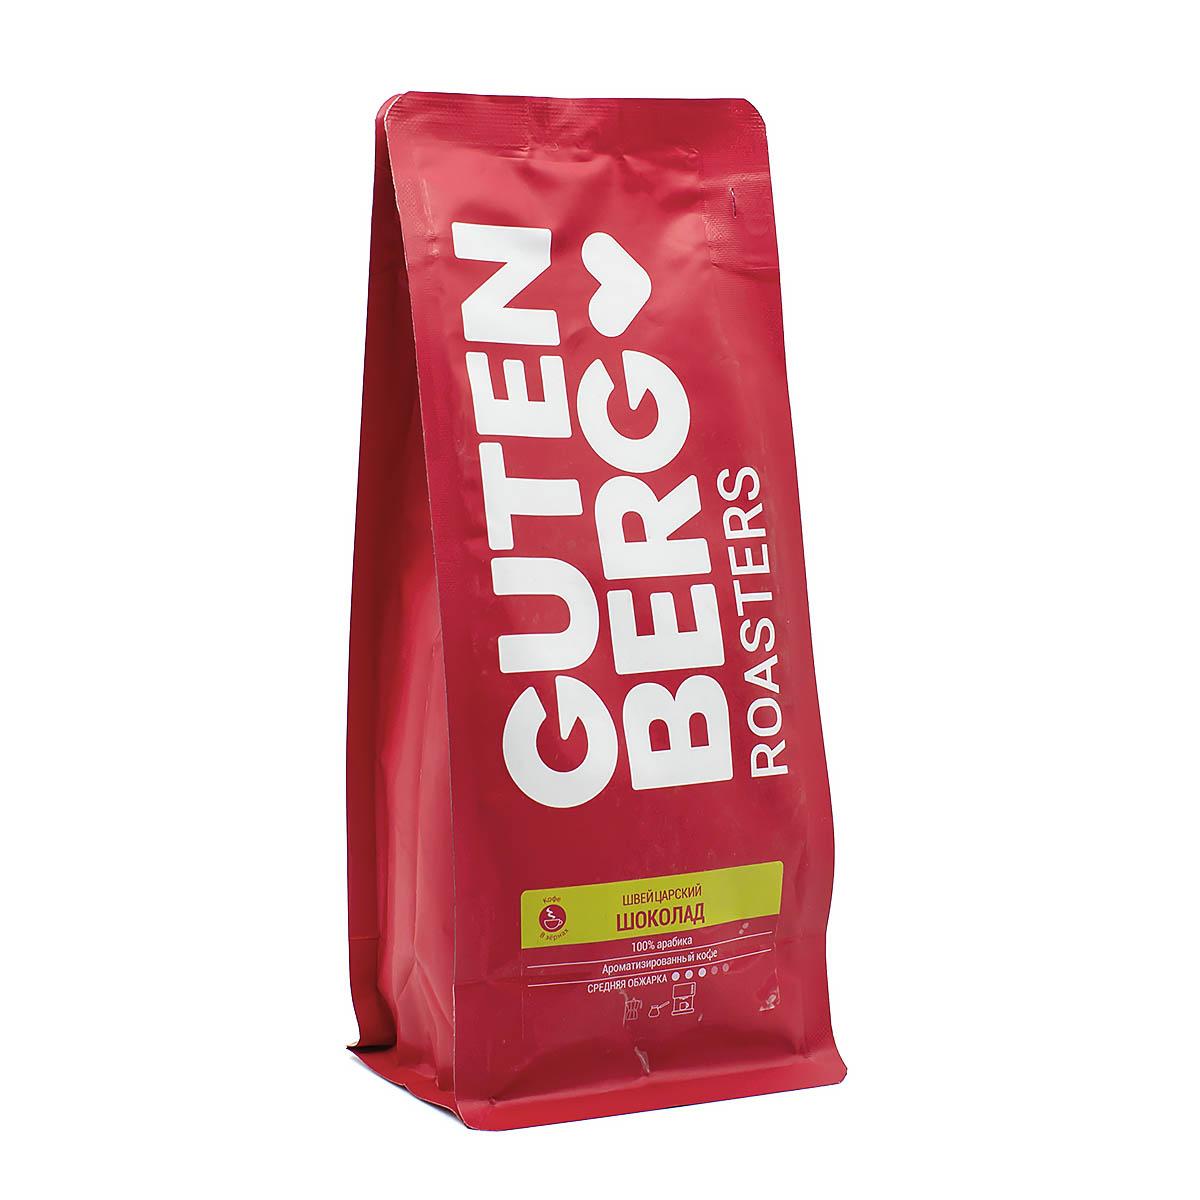 Кофе в зернах ароматизированный Швейцарский шоколад, уп. 250 г кофе в зернах 8009785102710